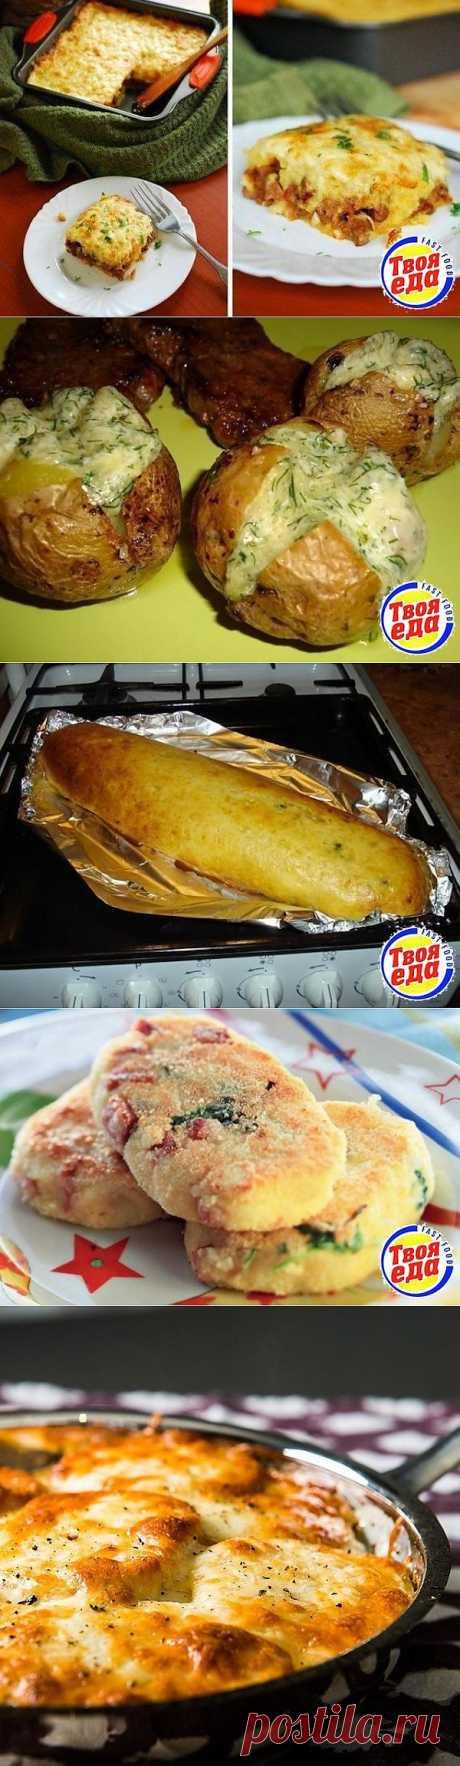 Блюда из картофеля - Кулинарные рецепты